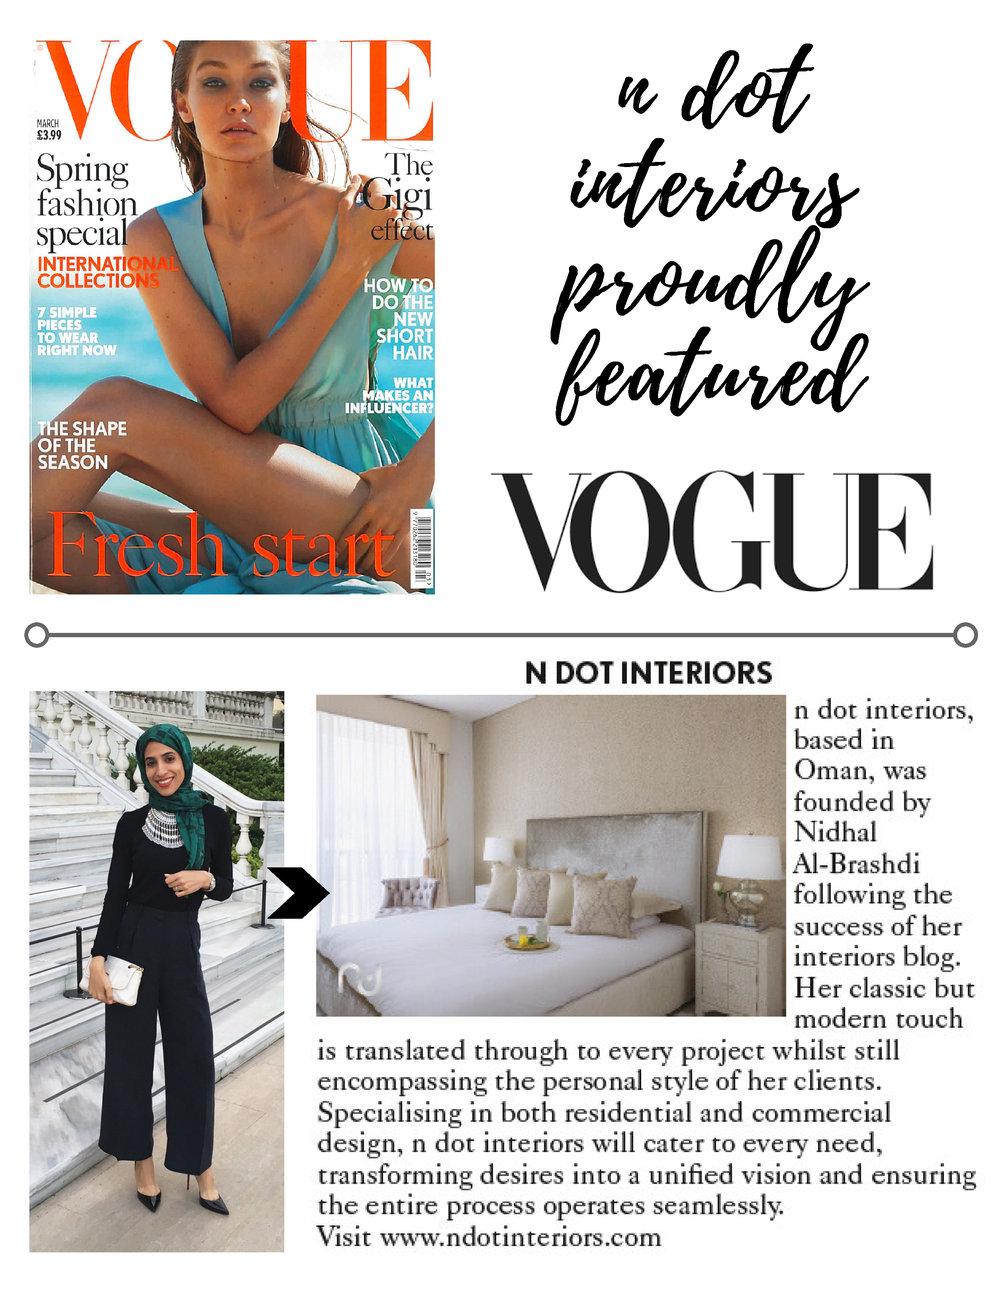 British Vogue, March 2017.